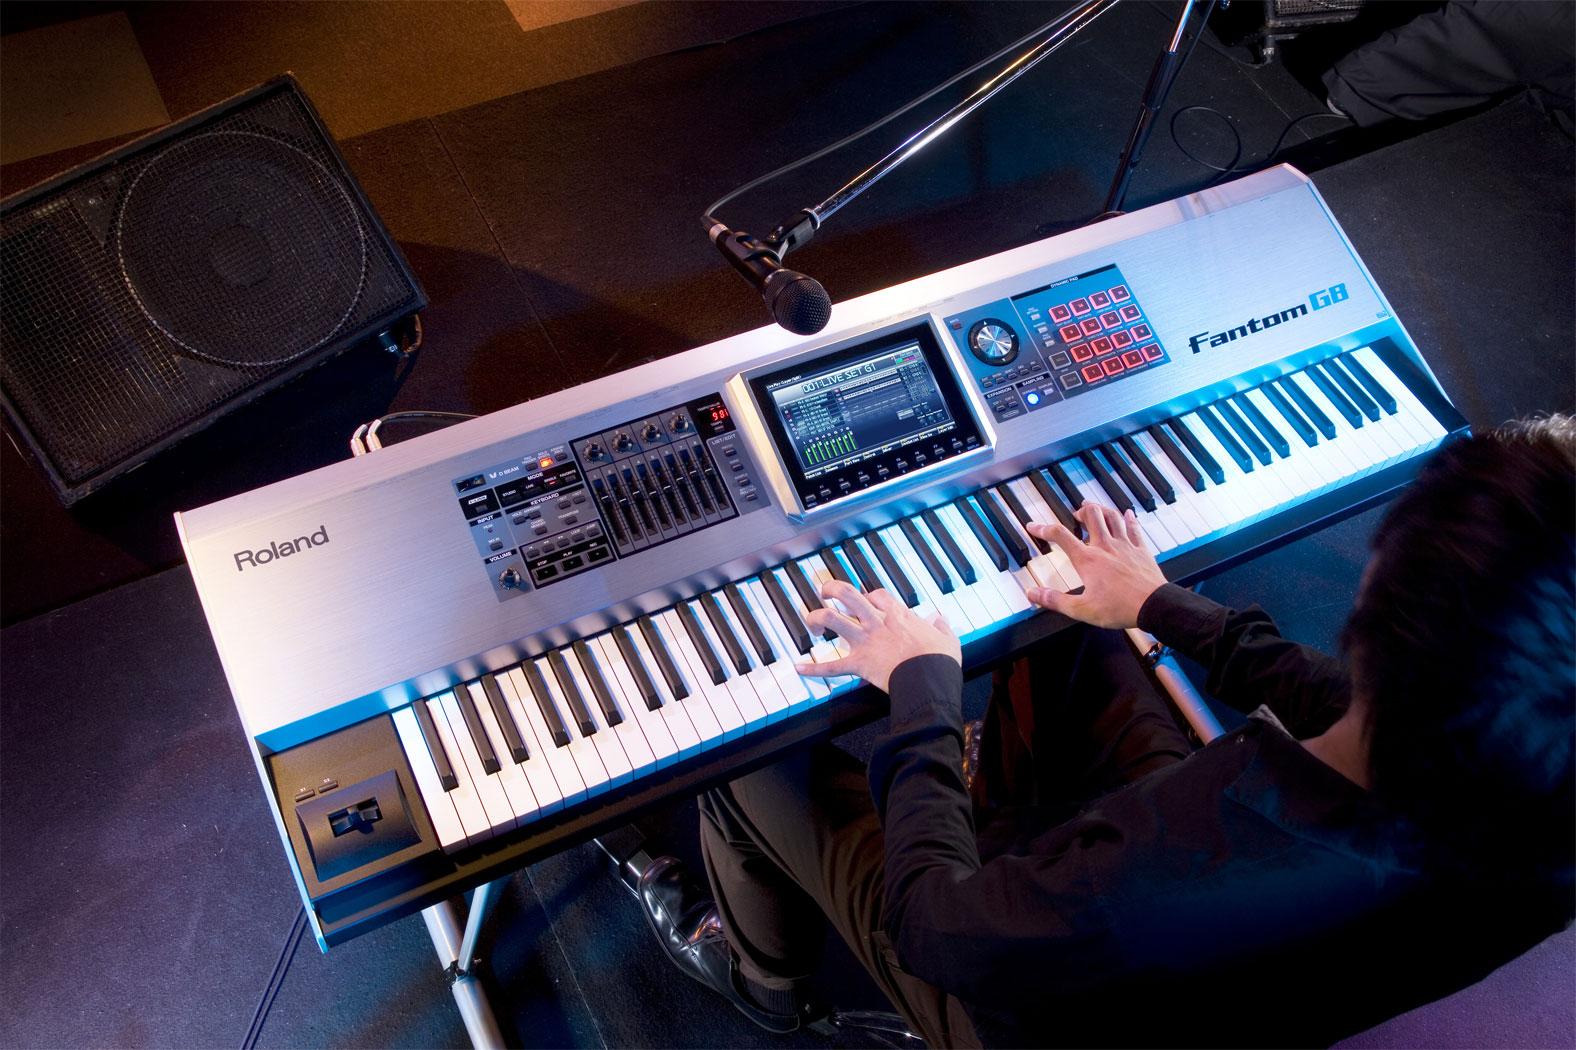 Concert Piano [Fantom G8]